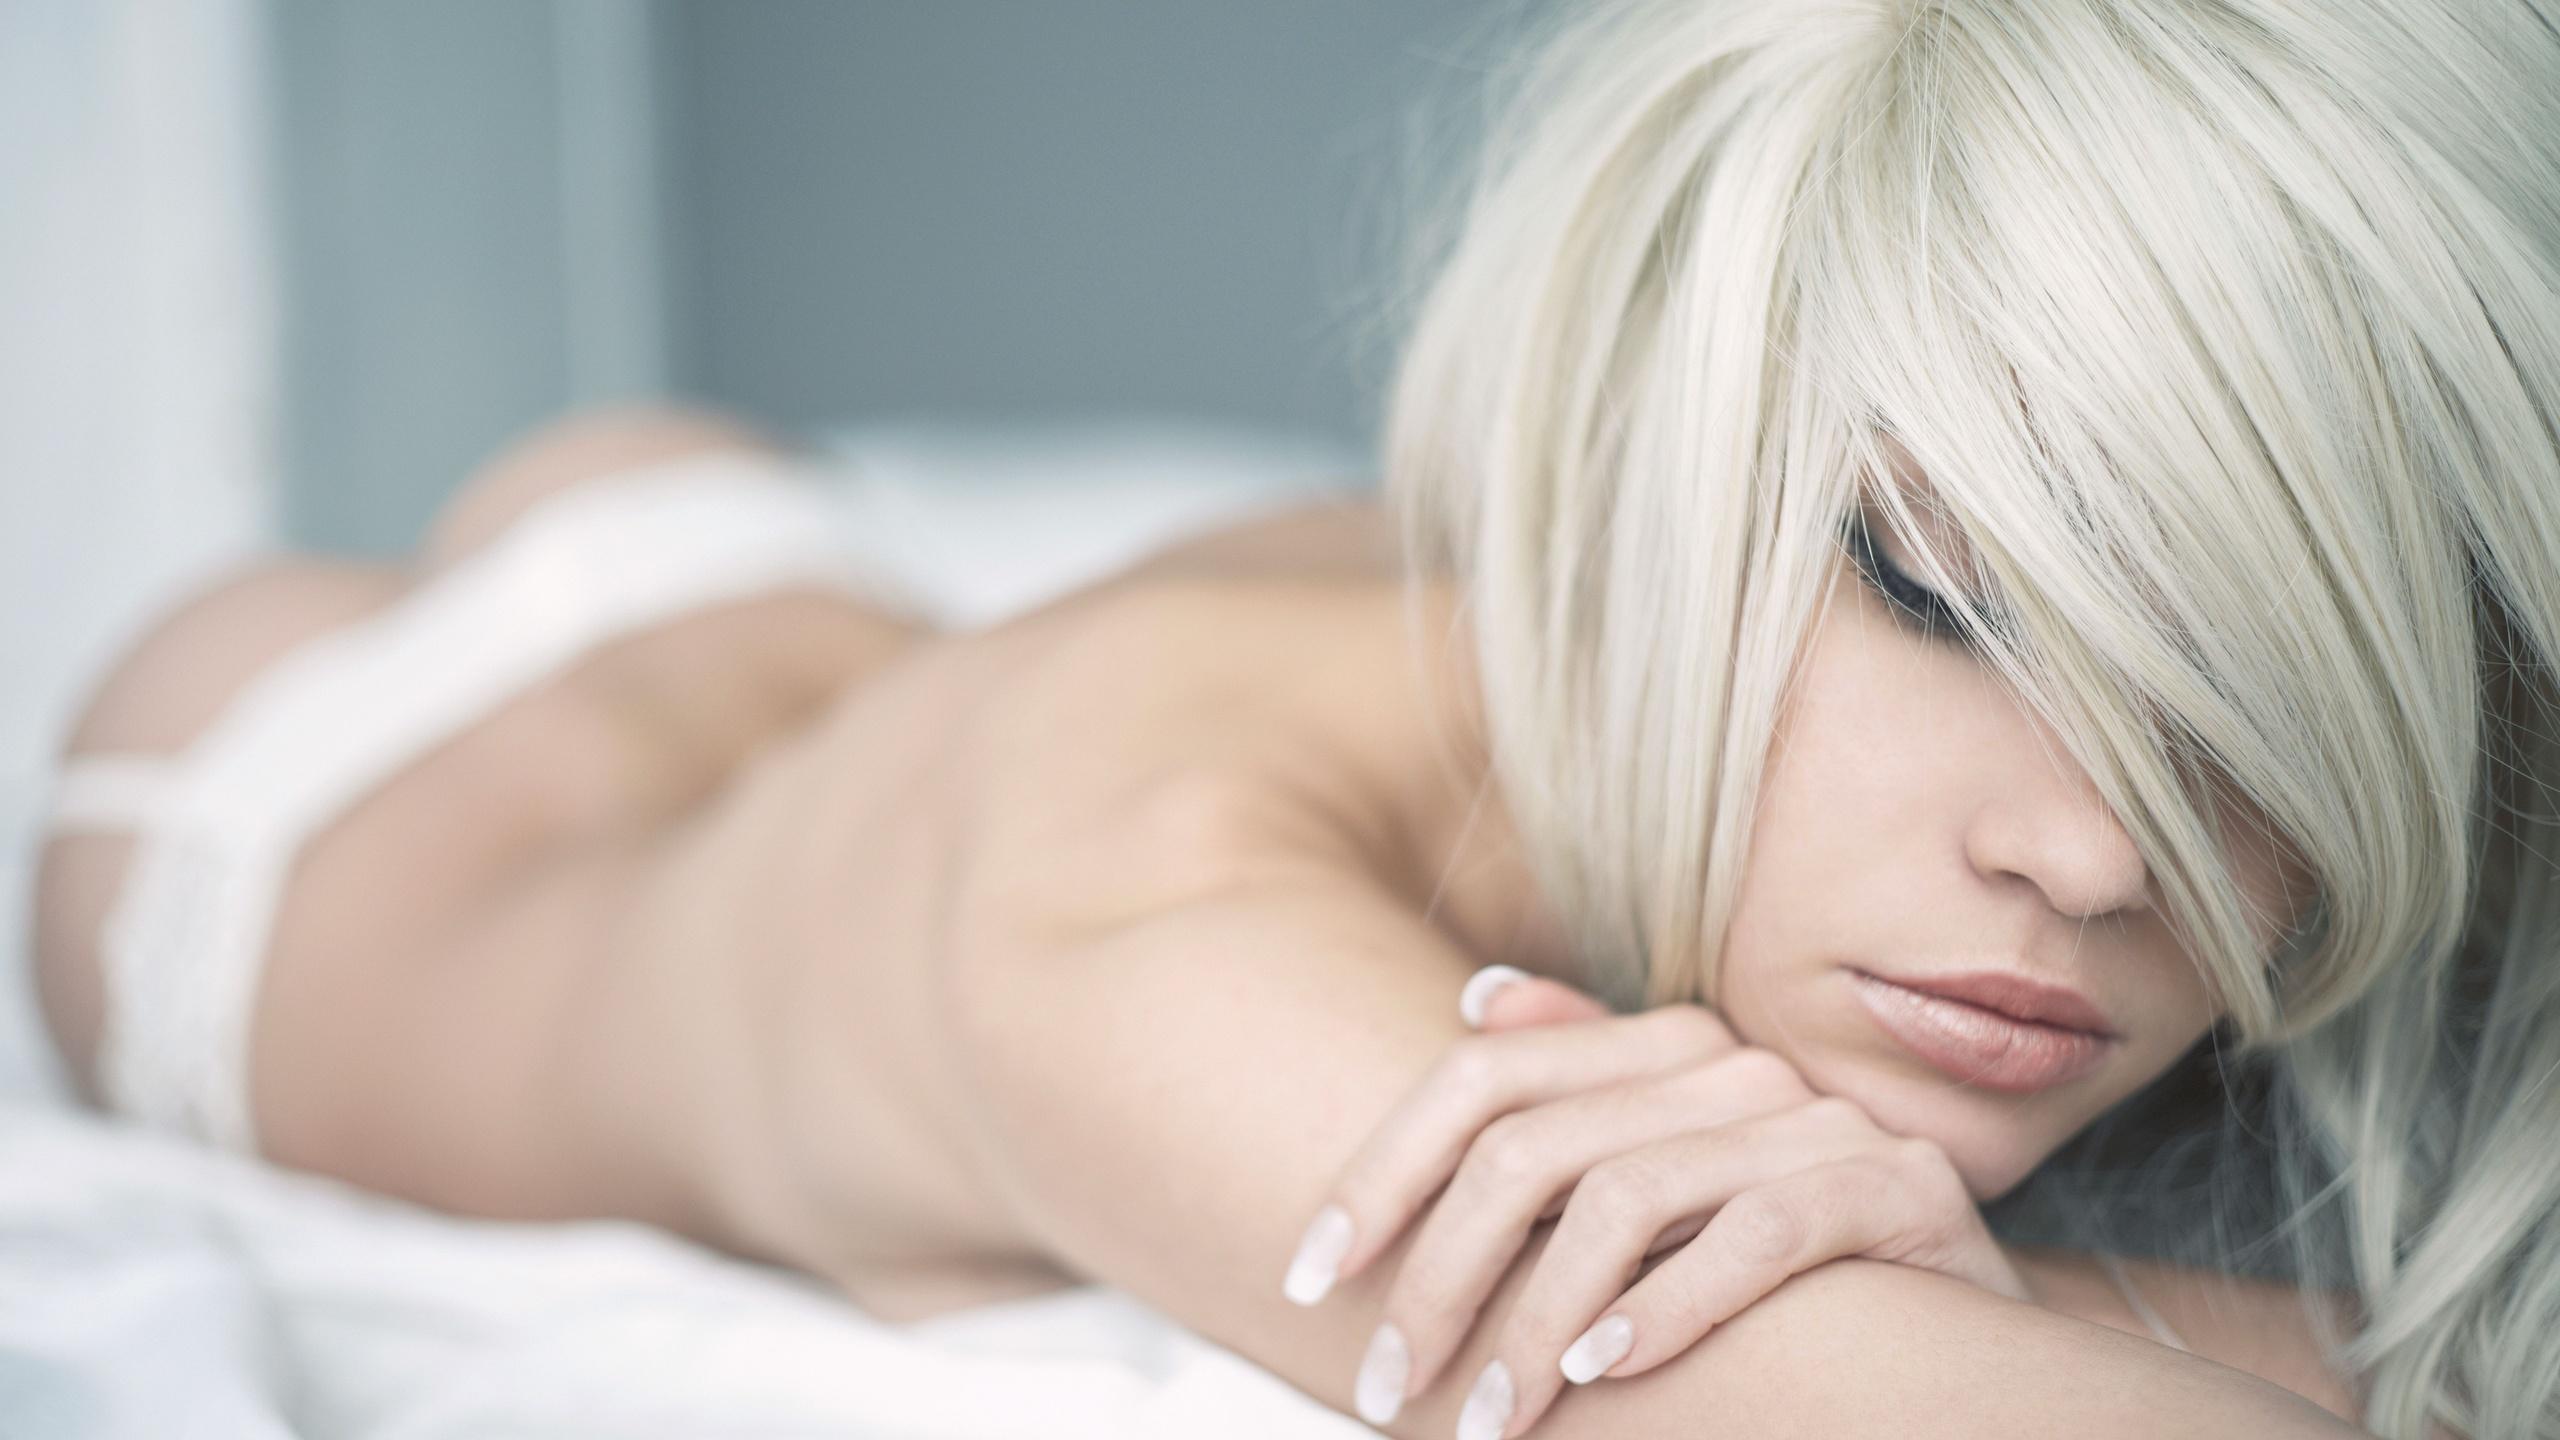 Секс с красивыми бландинками, Блондинки порно - пикантный Секс с Блондинкой на 24 фотография